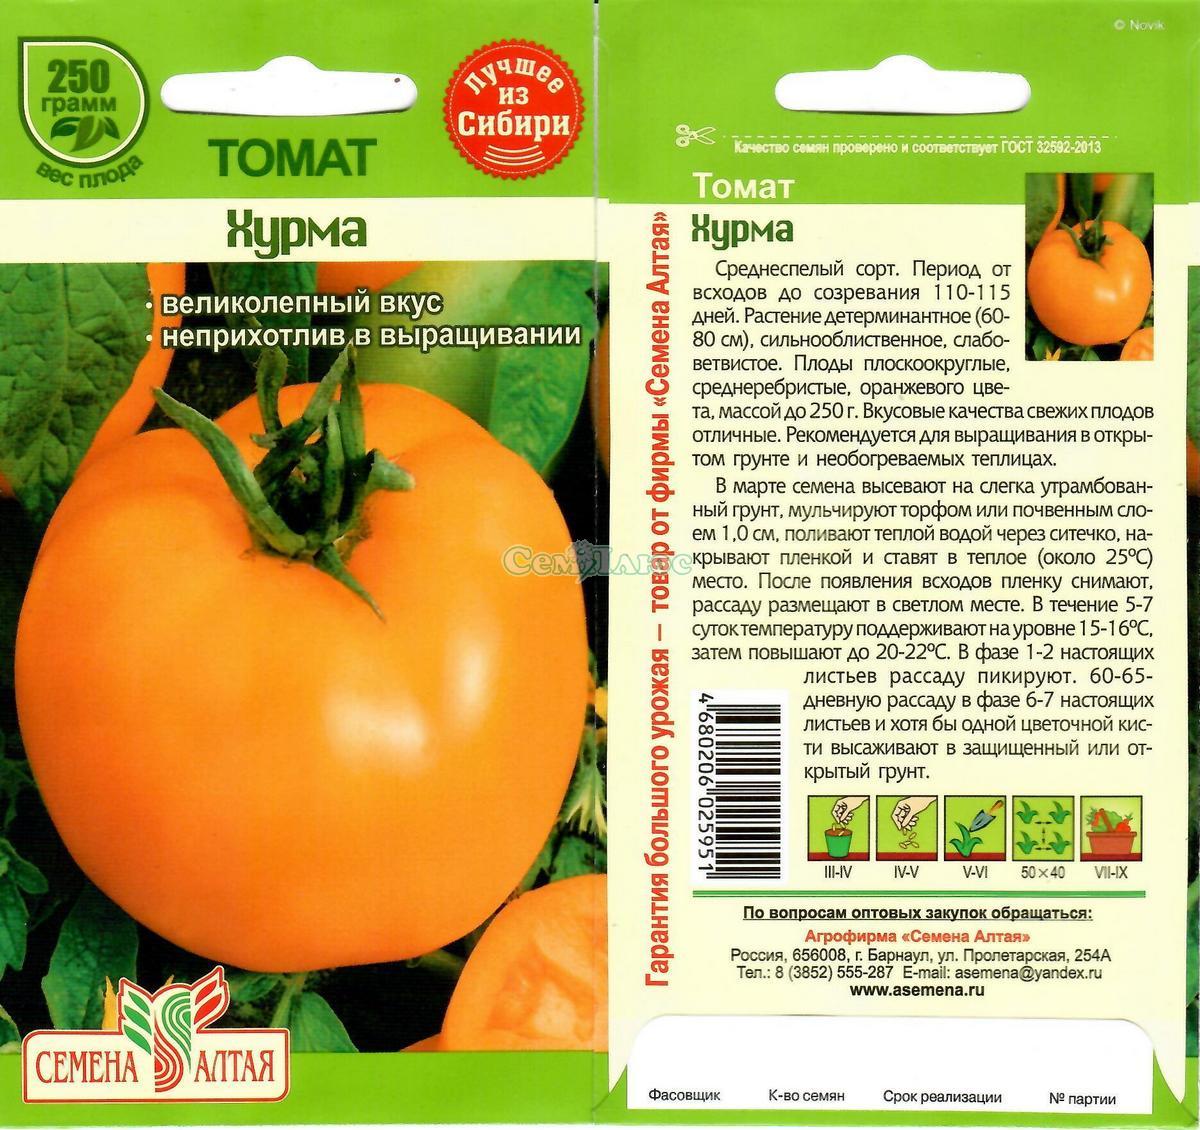 Томат хурма - характеристика и описание сорта, урожайность, фото, выращивание, отзывы